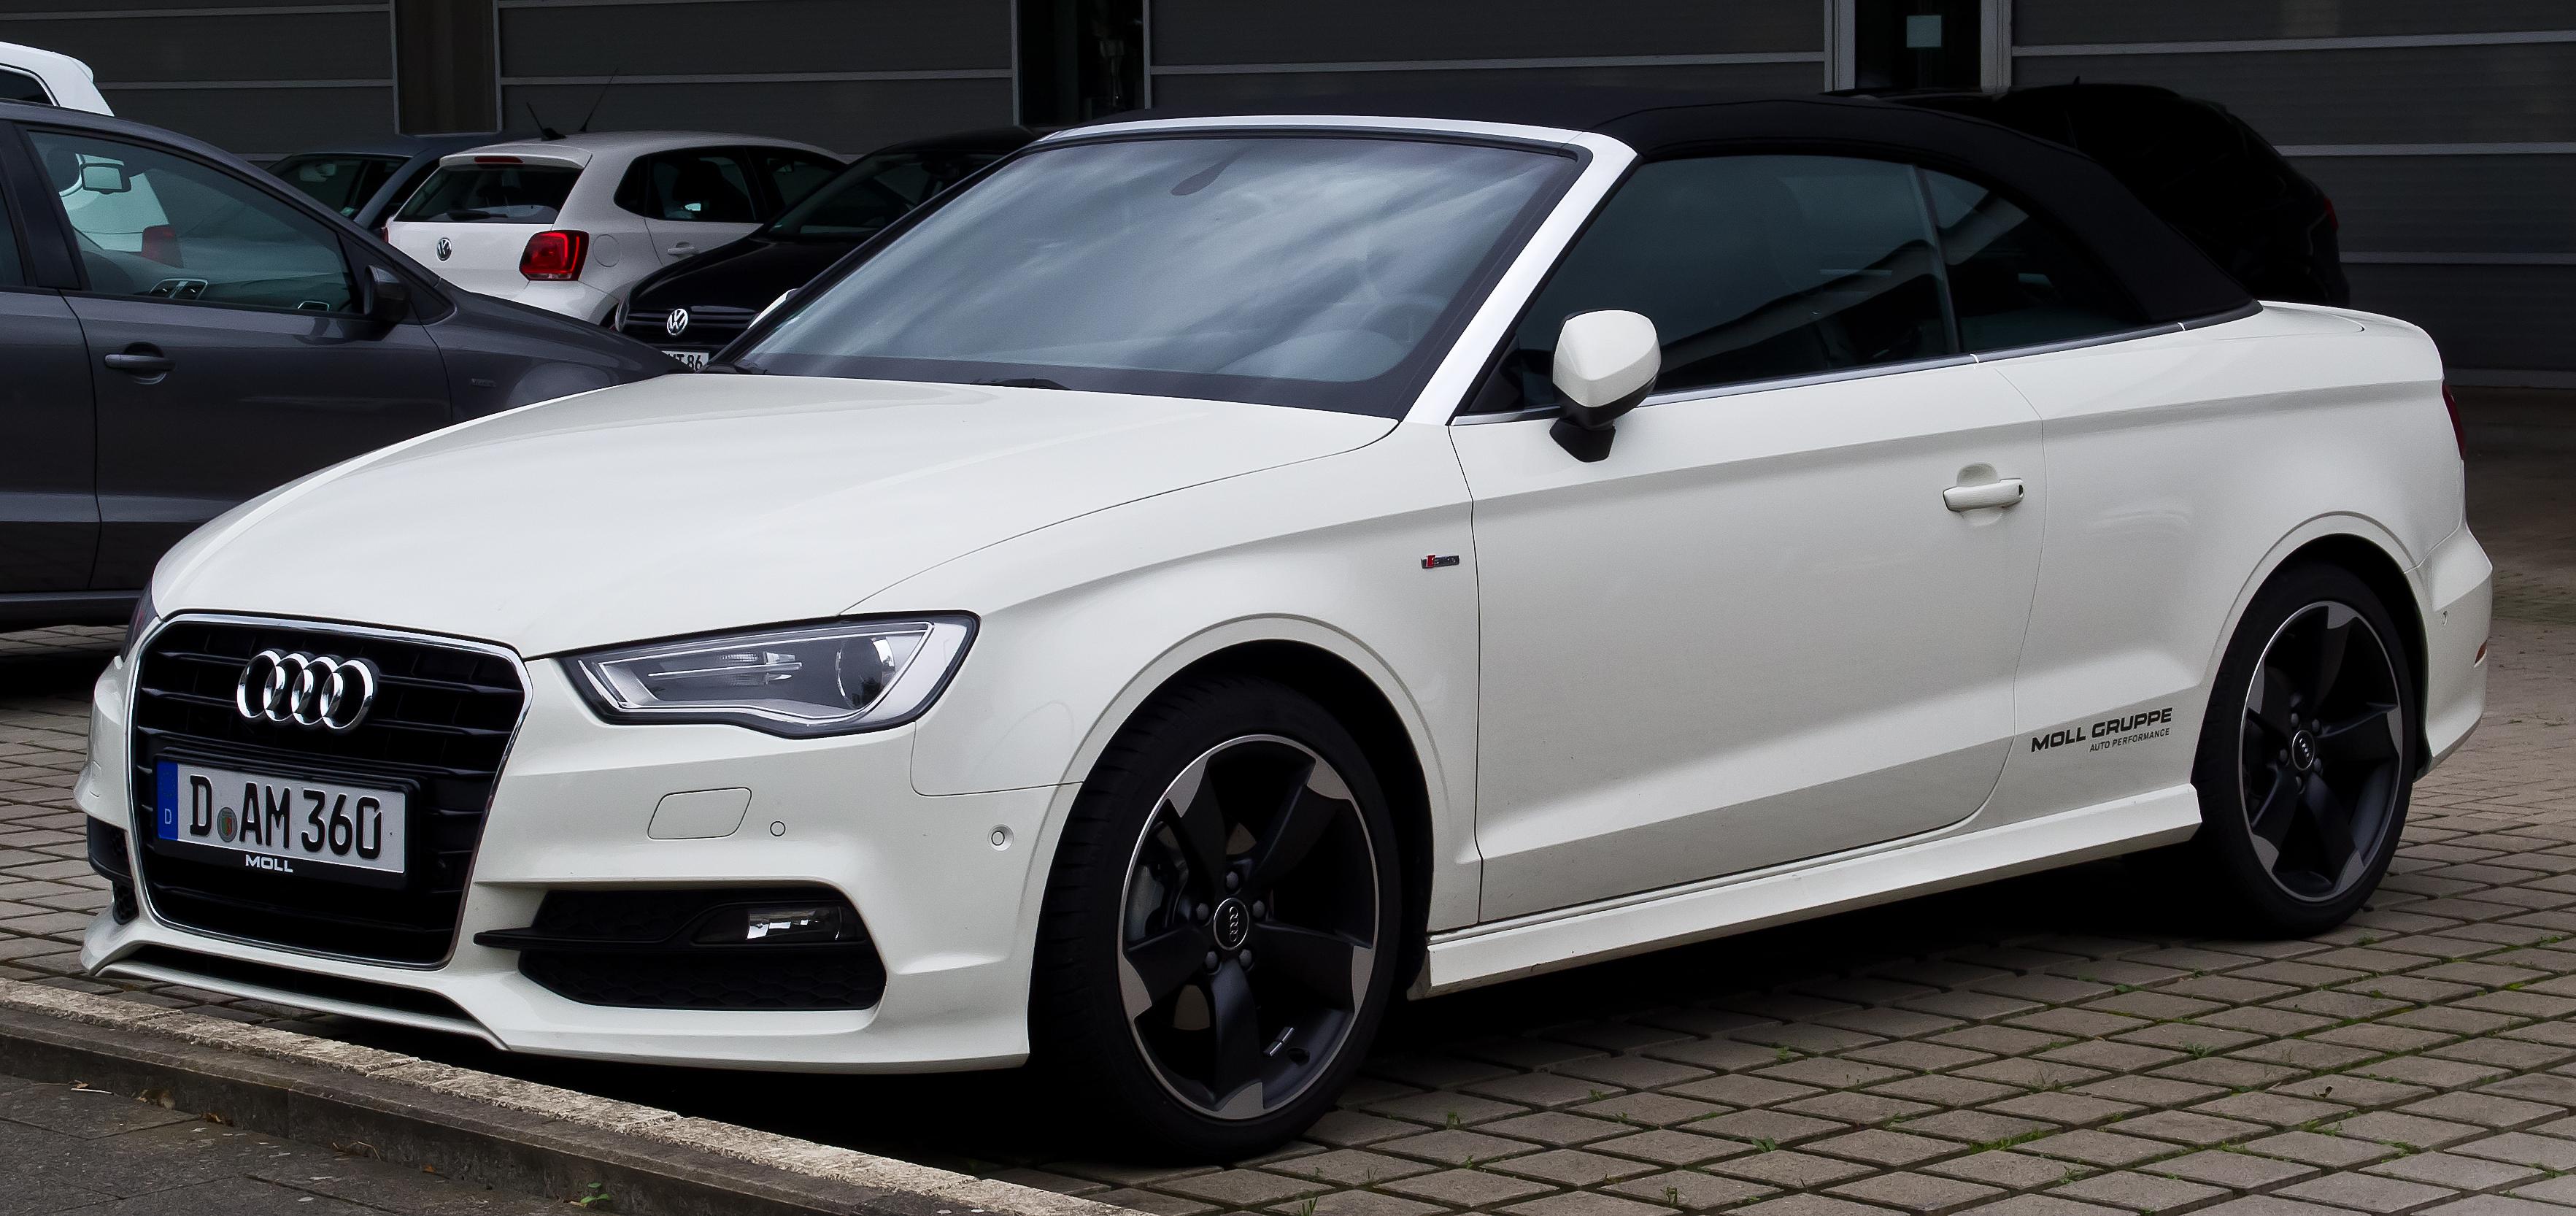 Audi rs3 sedan 2015 price